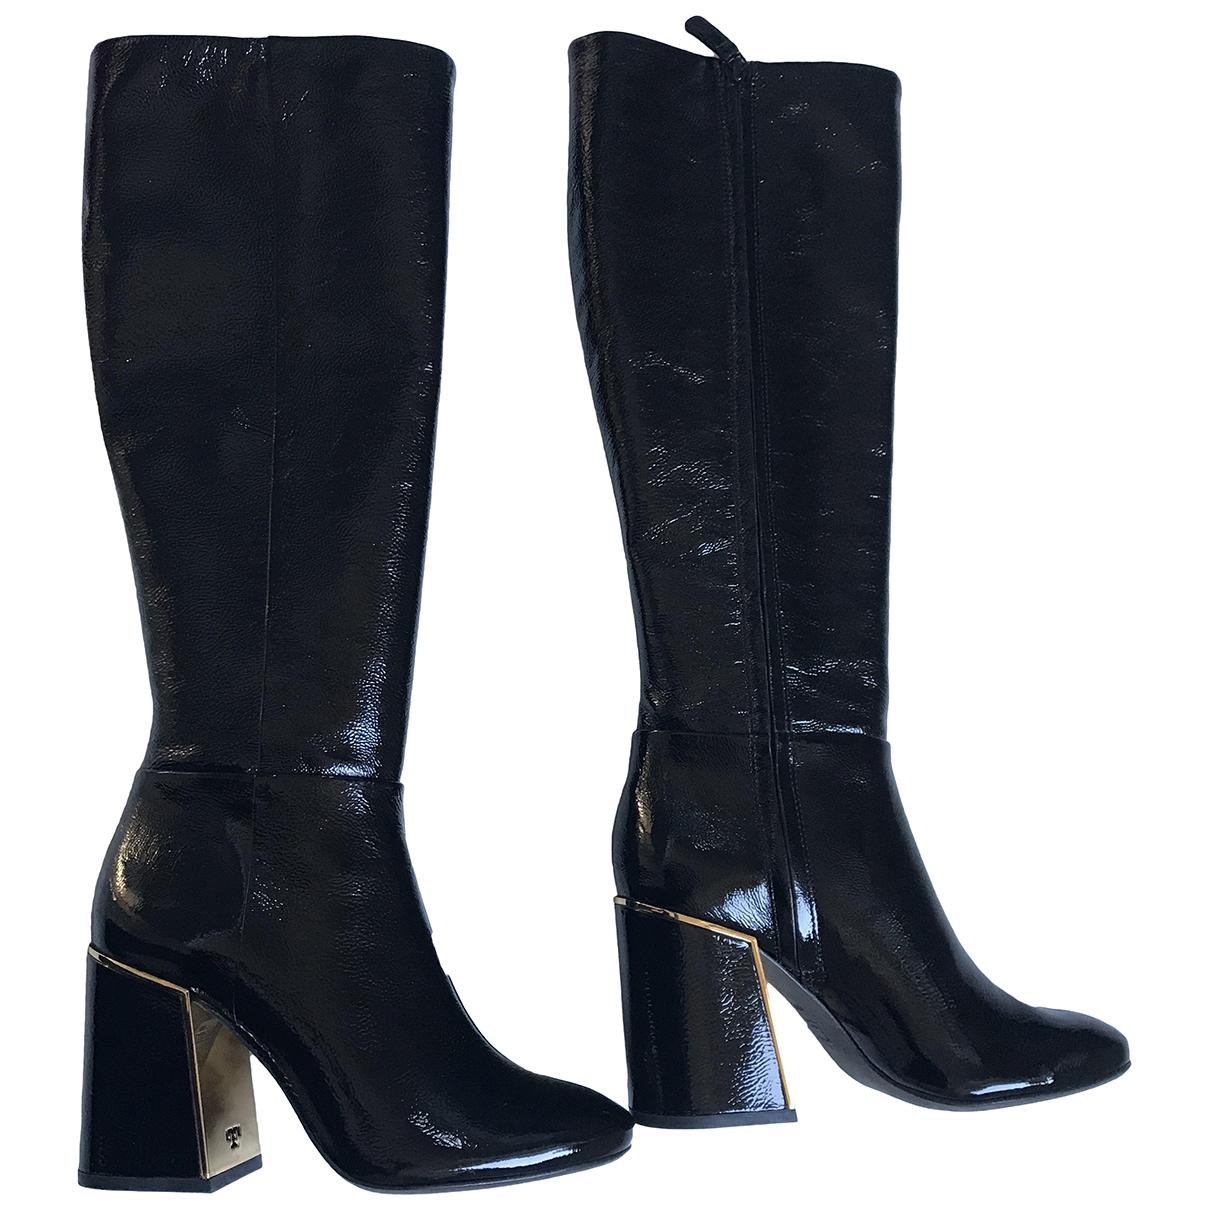 Tory Burch - Bottes   pour femme en cuir verni - noir